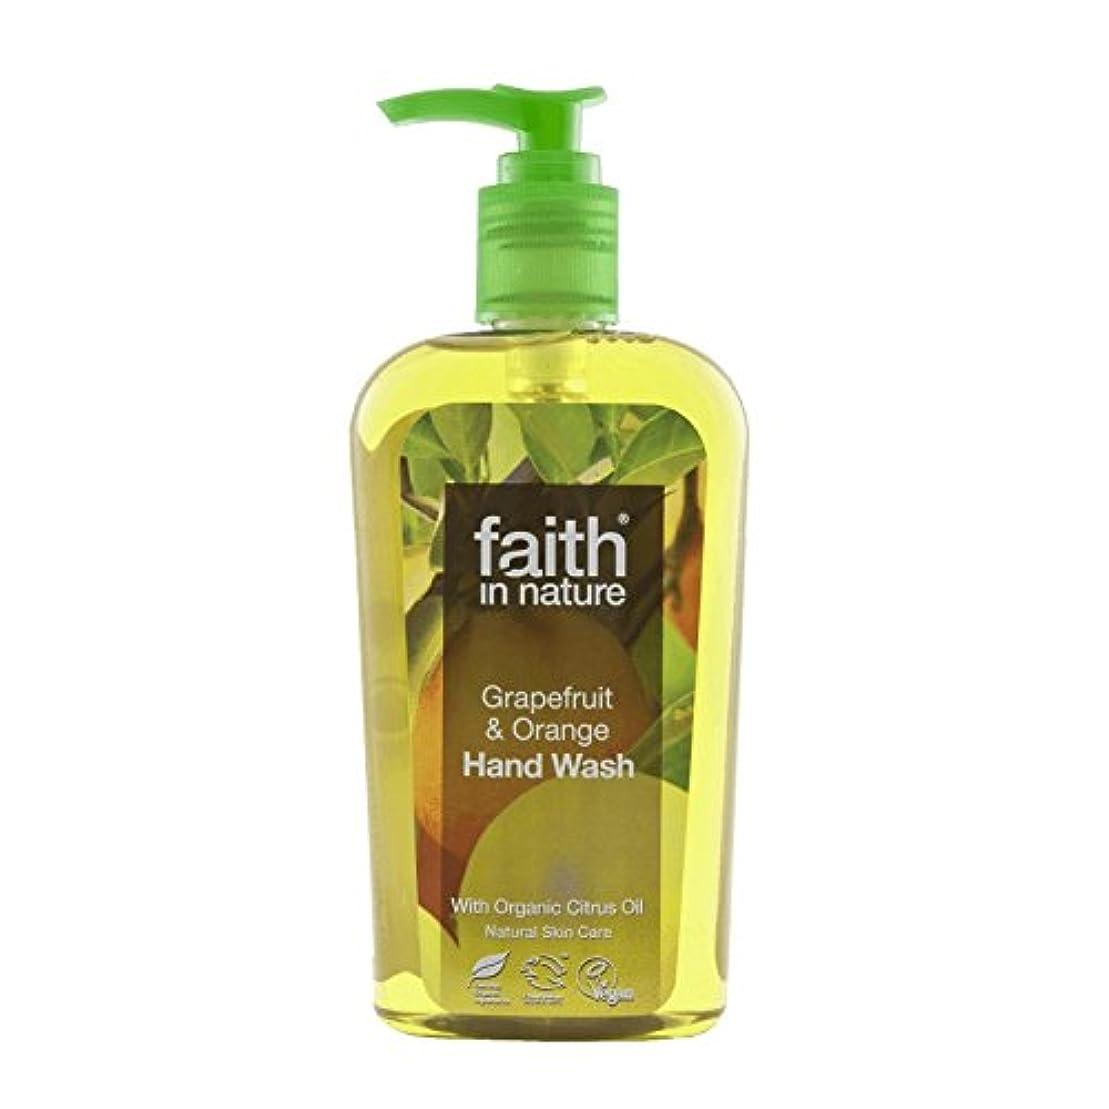 銀河軌道反対に自然グレープフルーツ&オレンジ手洗いの300ミリリットルの信仰 - Faith In Nature Grapefruit & Orange Handwash 300ml (Faith in Nature) [並行輸入品]